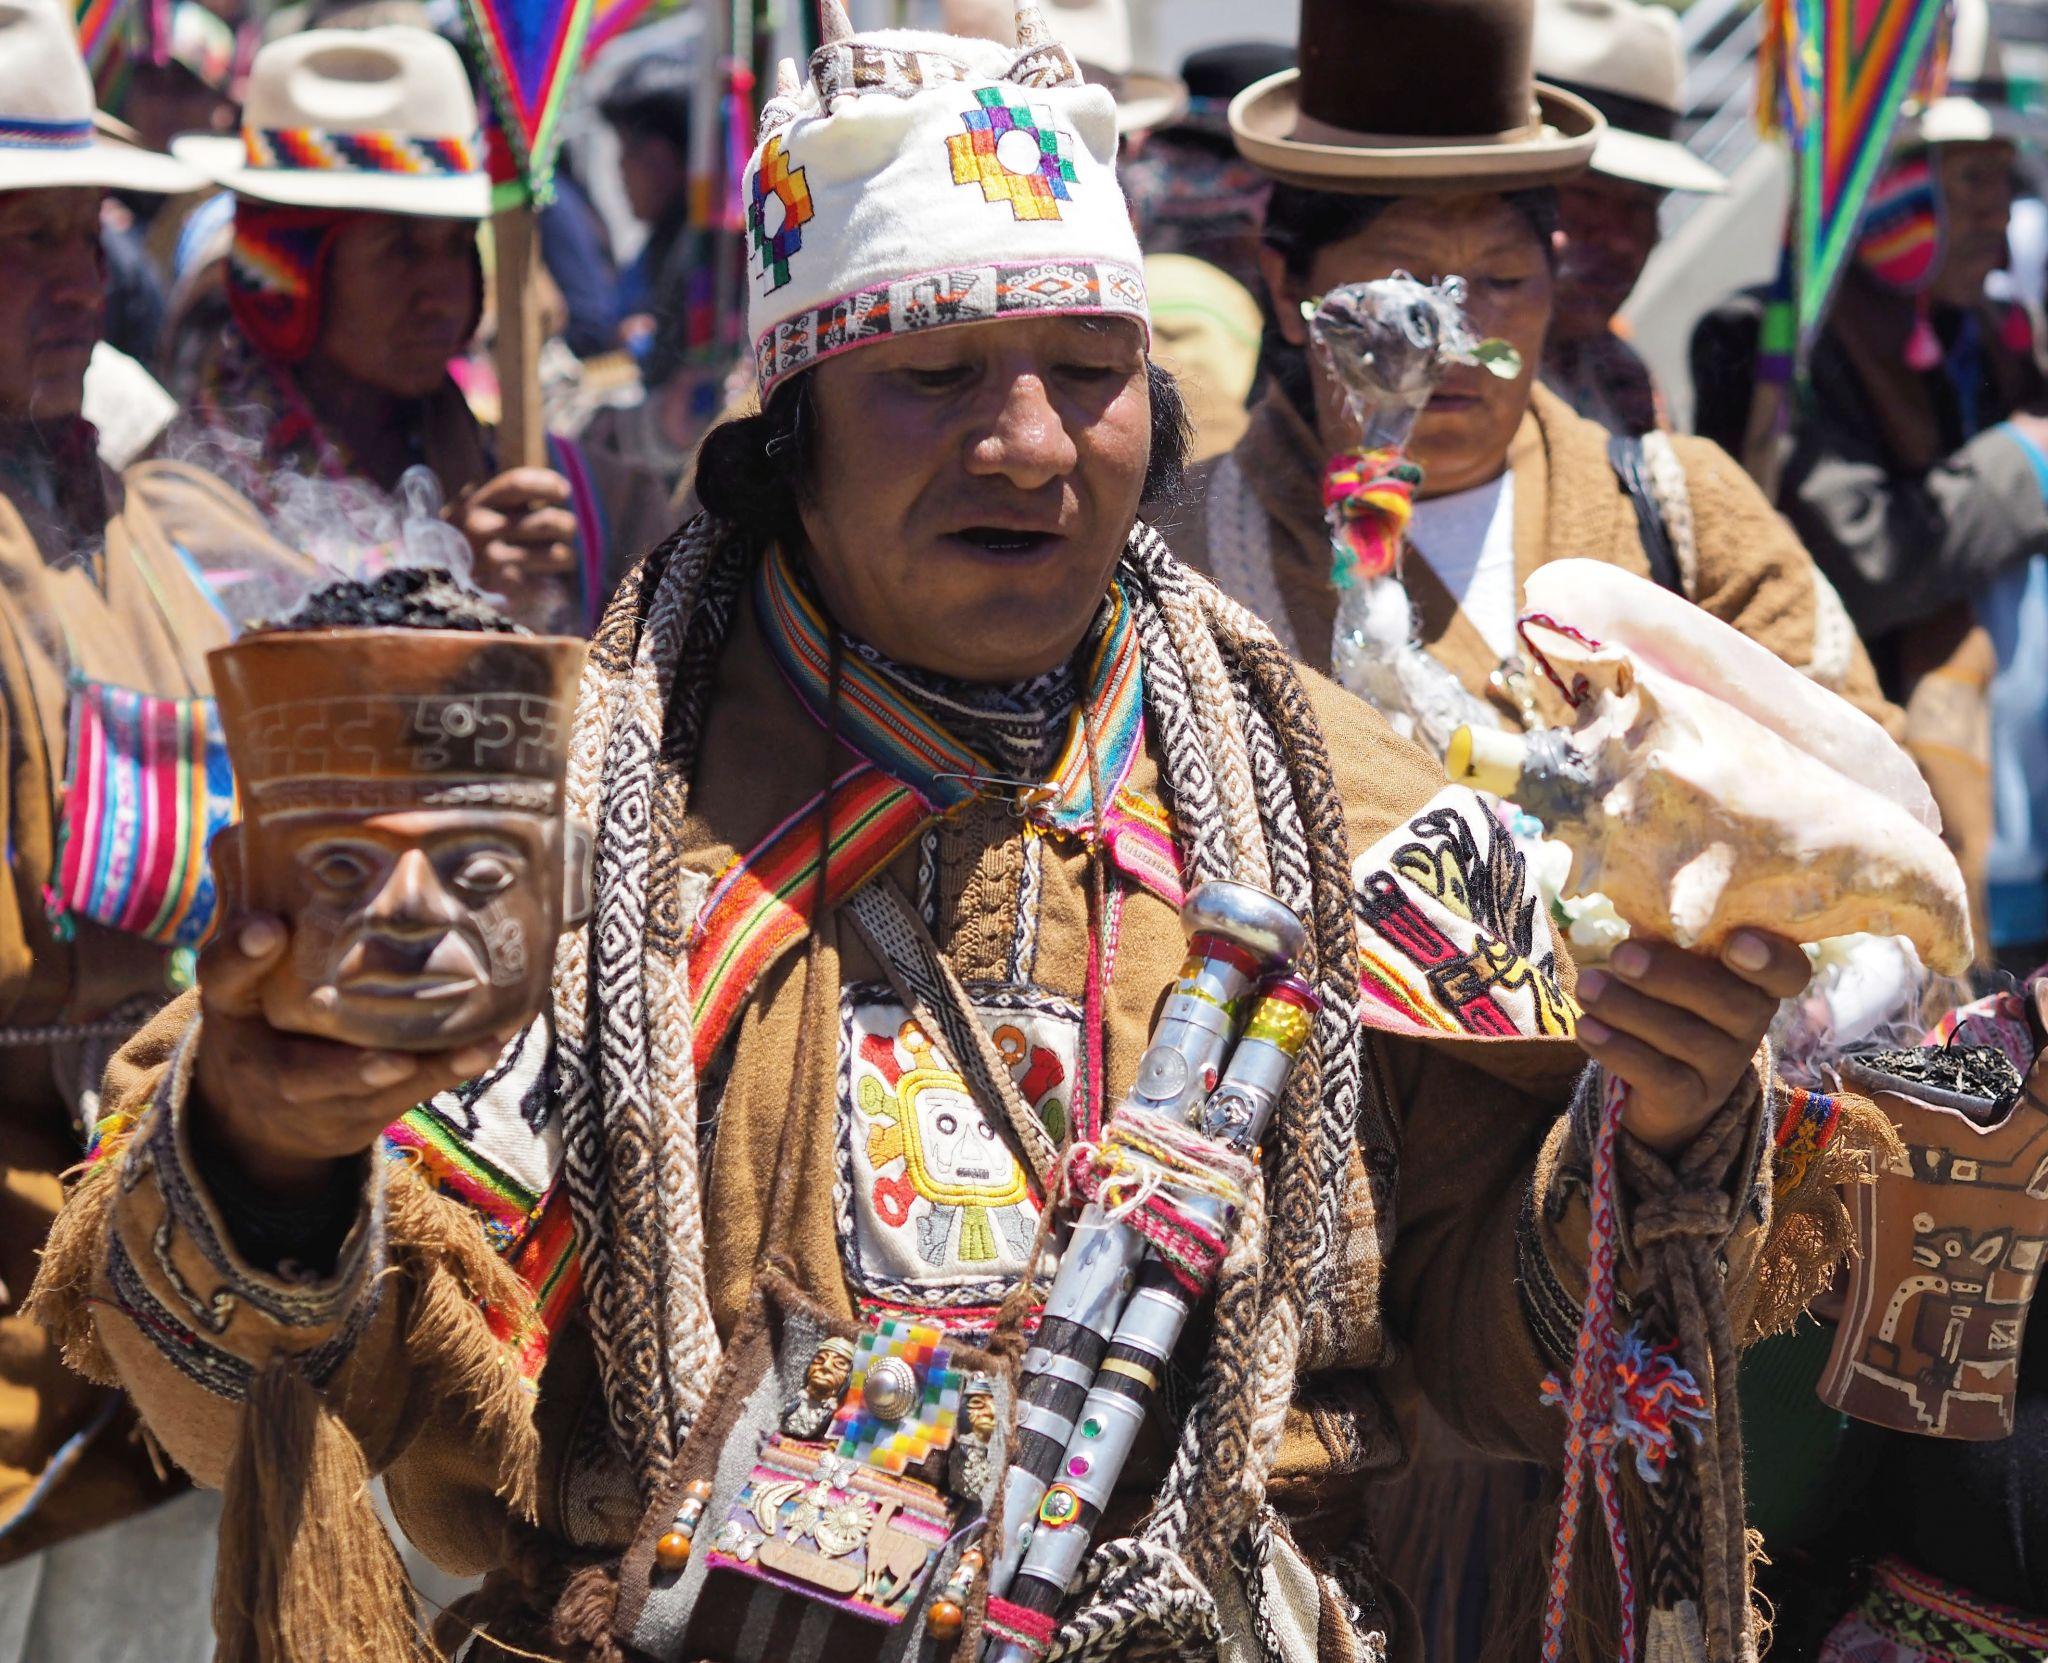 La Paz centro, Bolivia